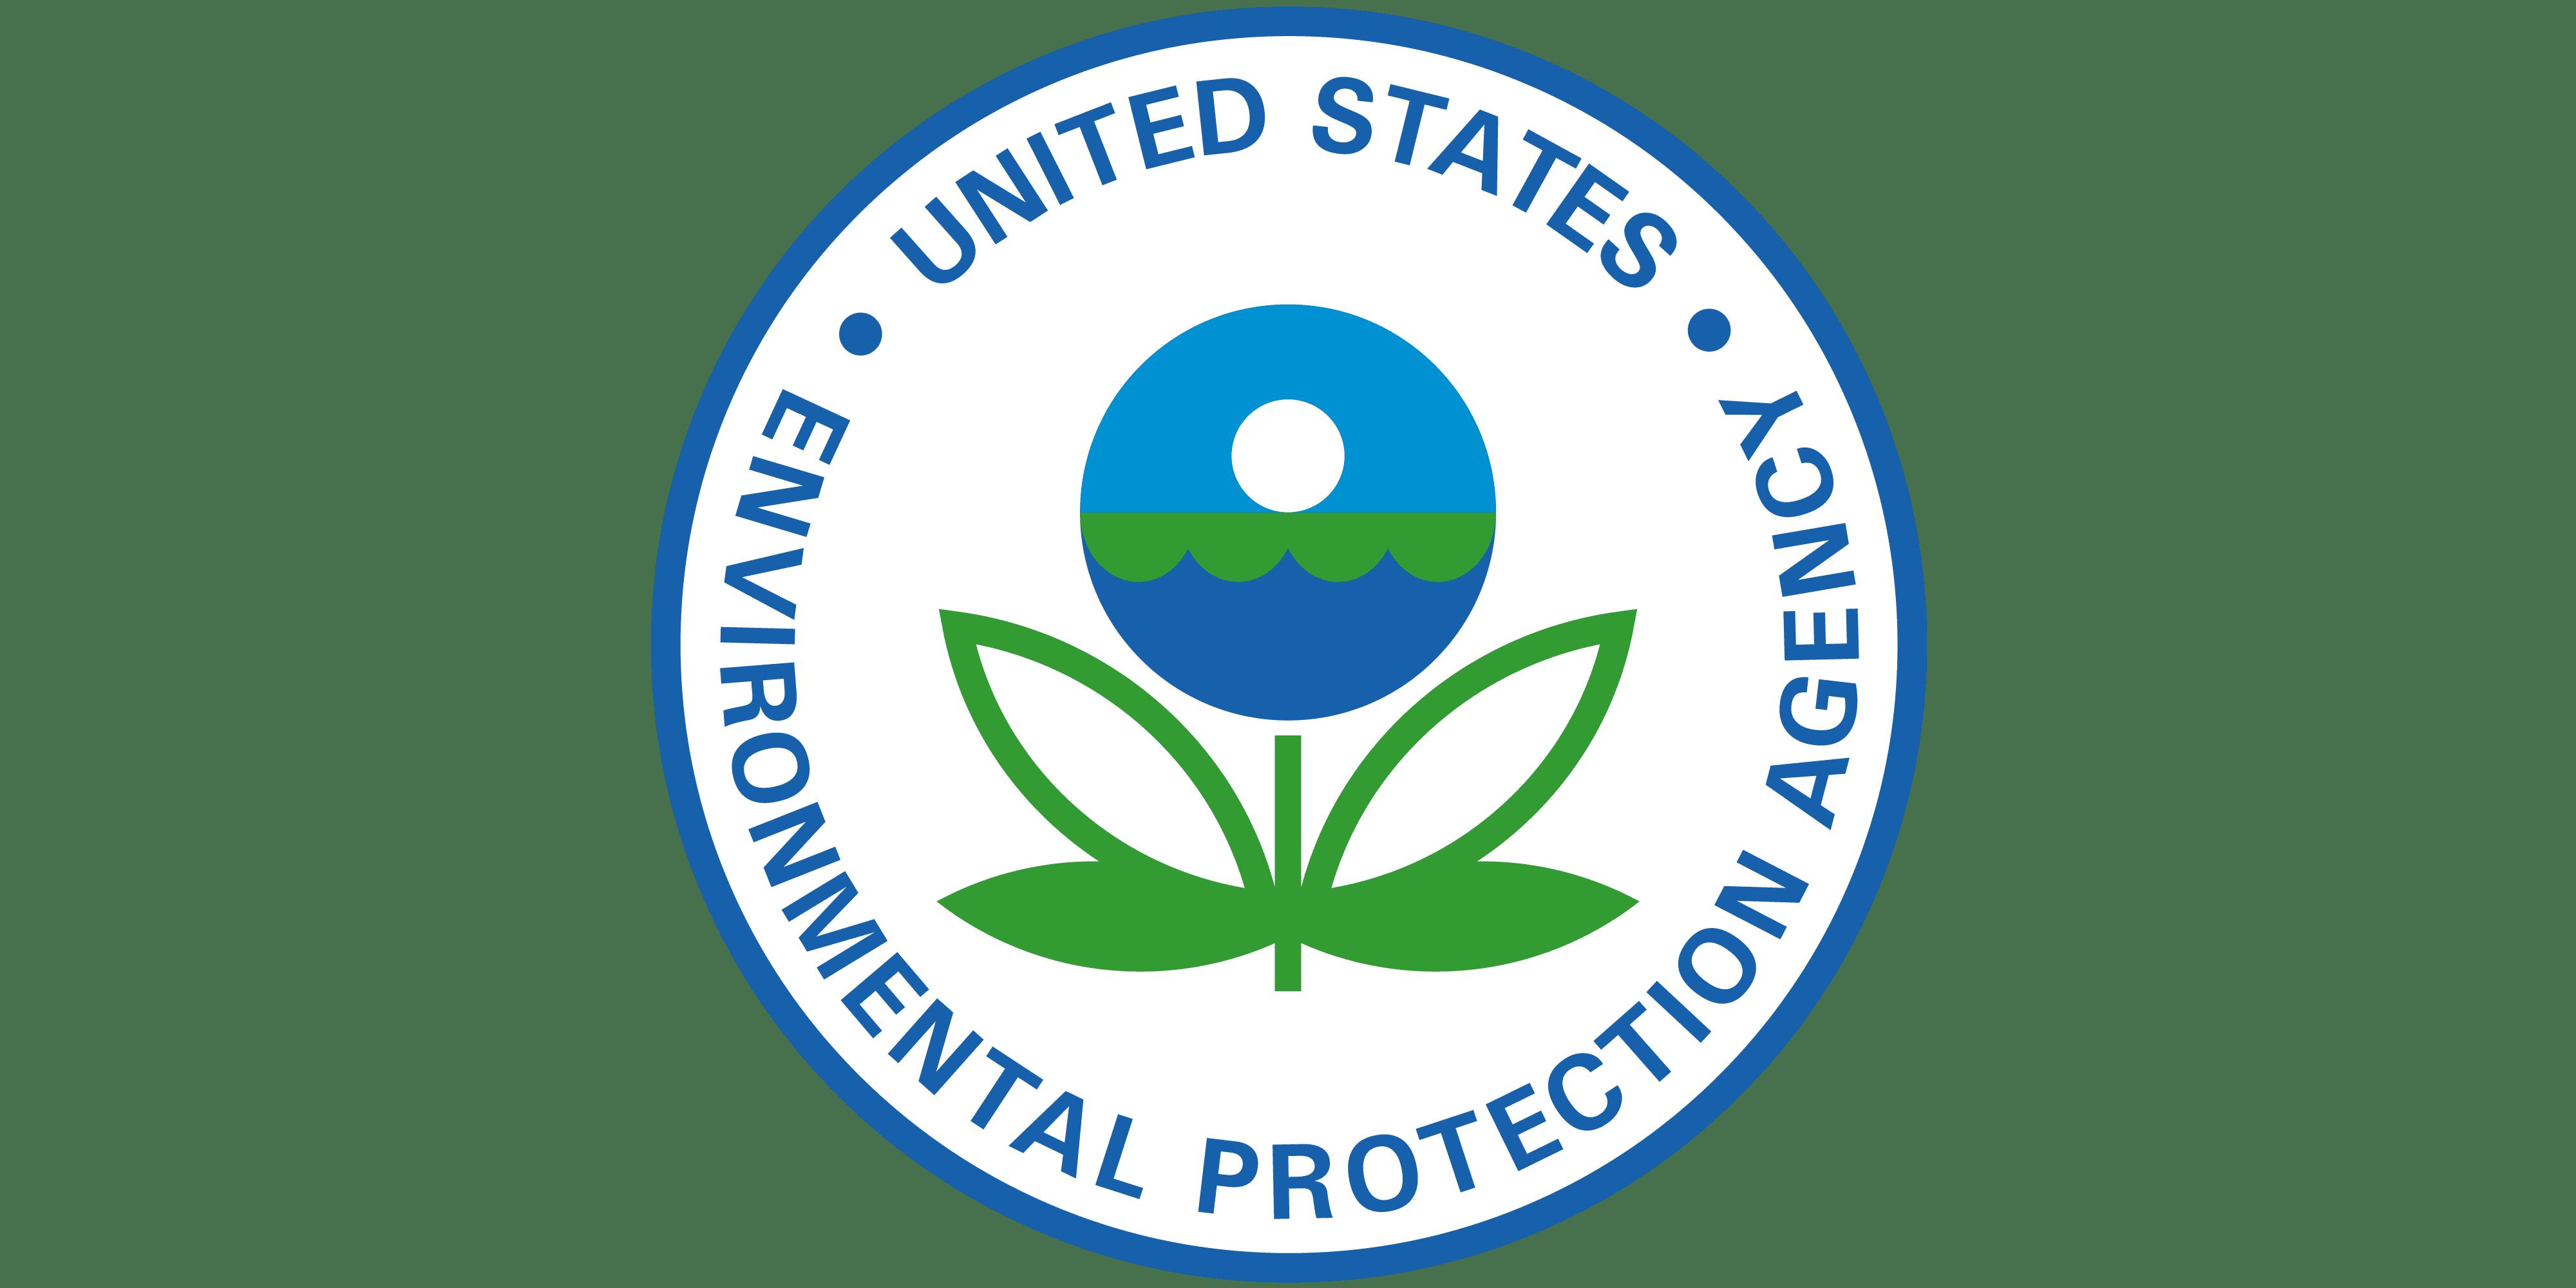 Logotipo de la Agencia de Protección Ambiental de los Estados Unidos (EPA)